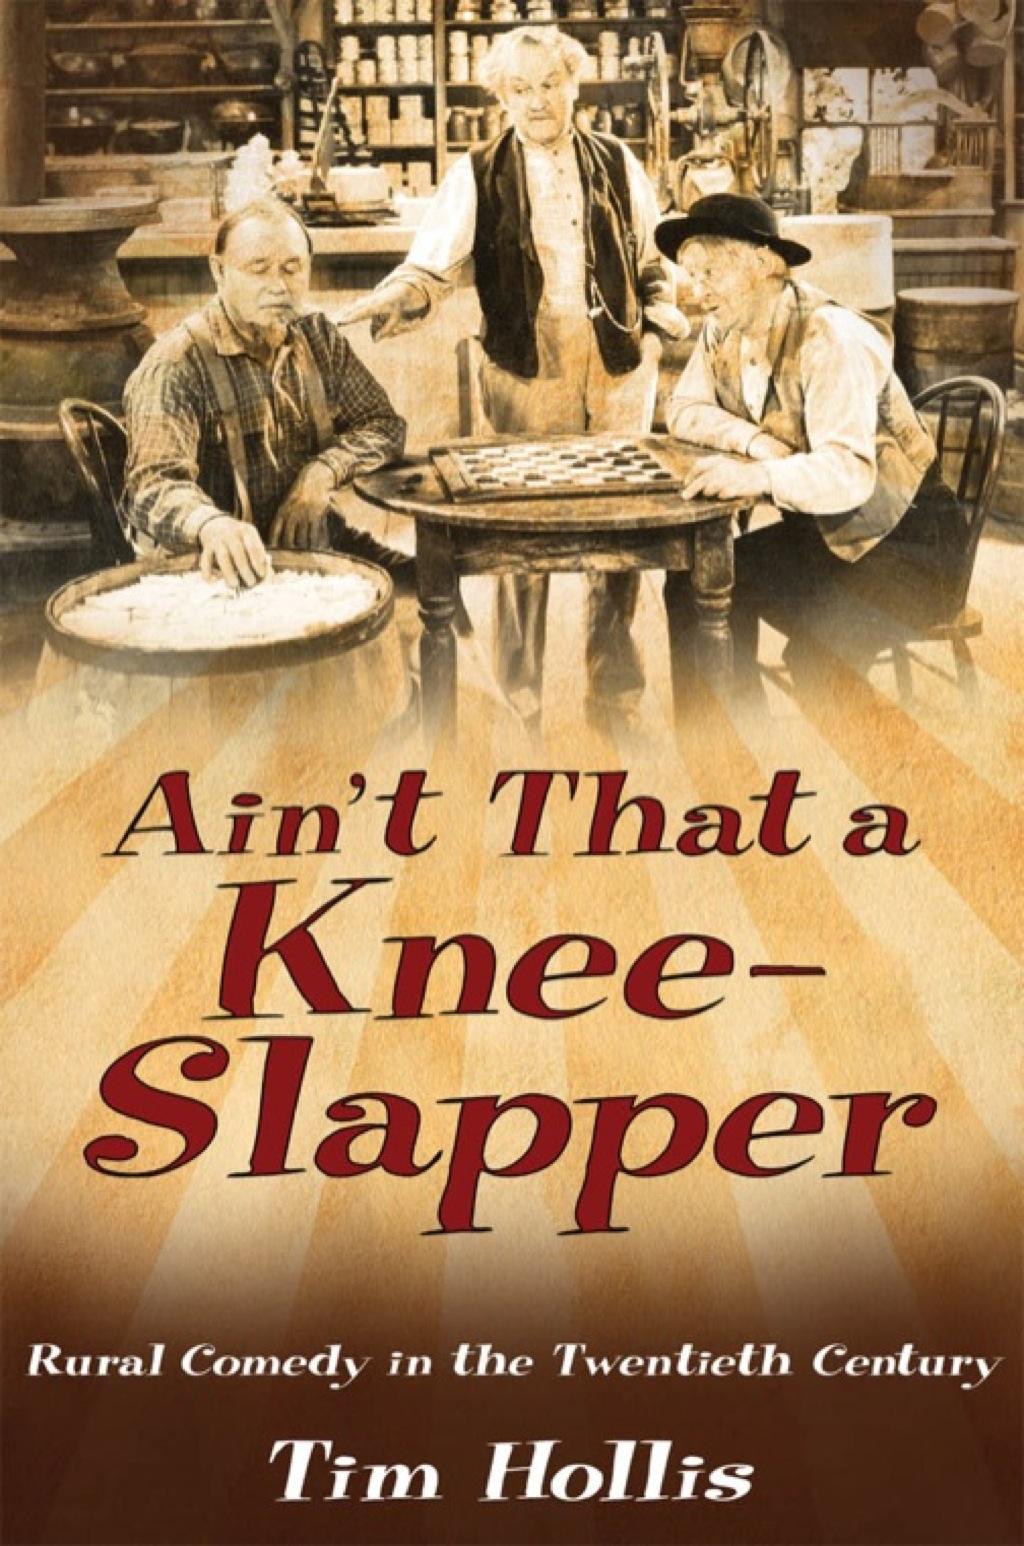 Ain't That a Knee-Slapper (eBook)